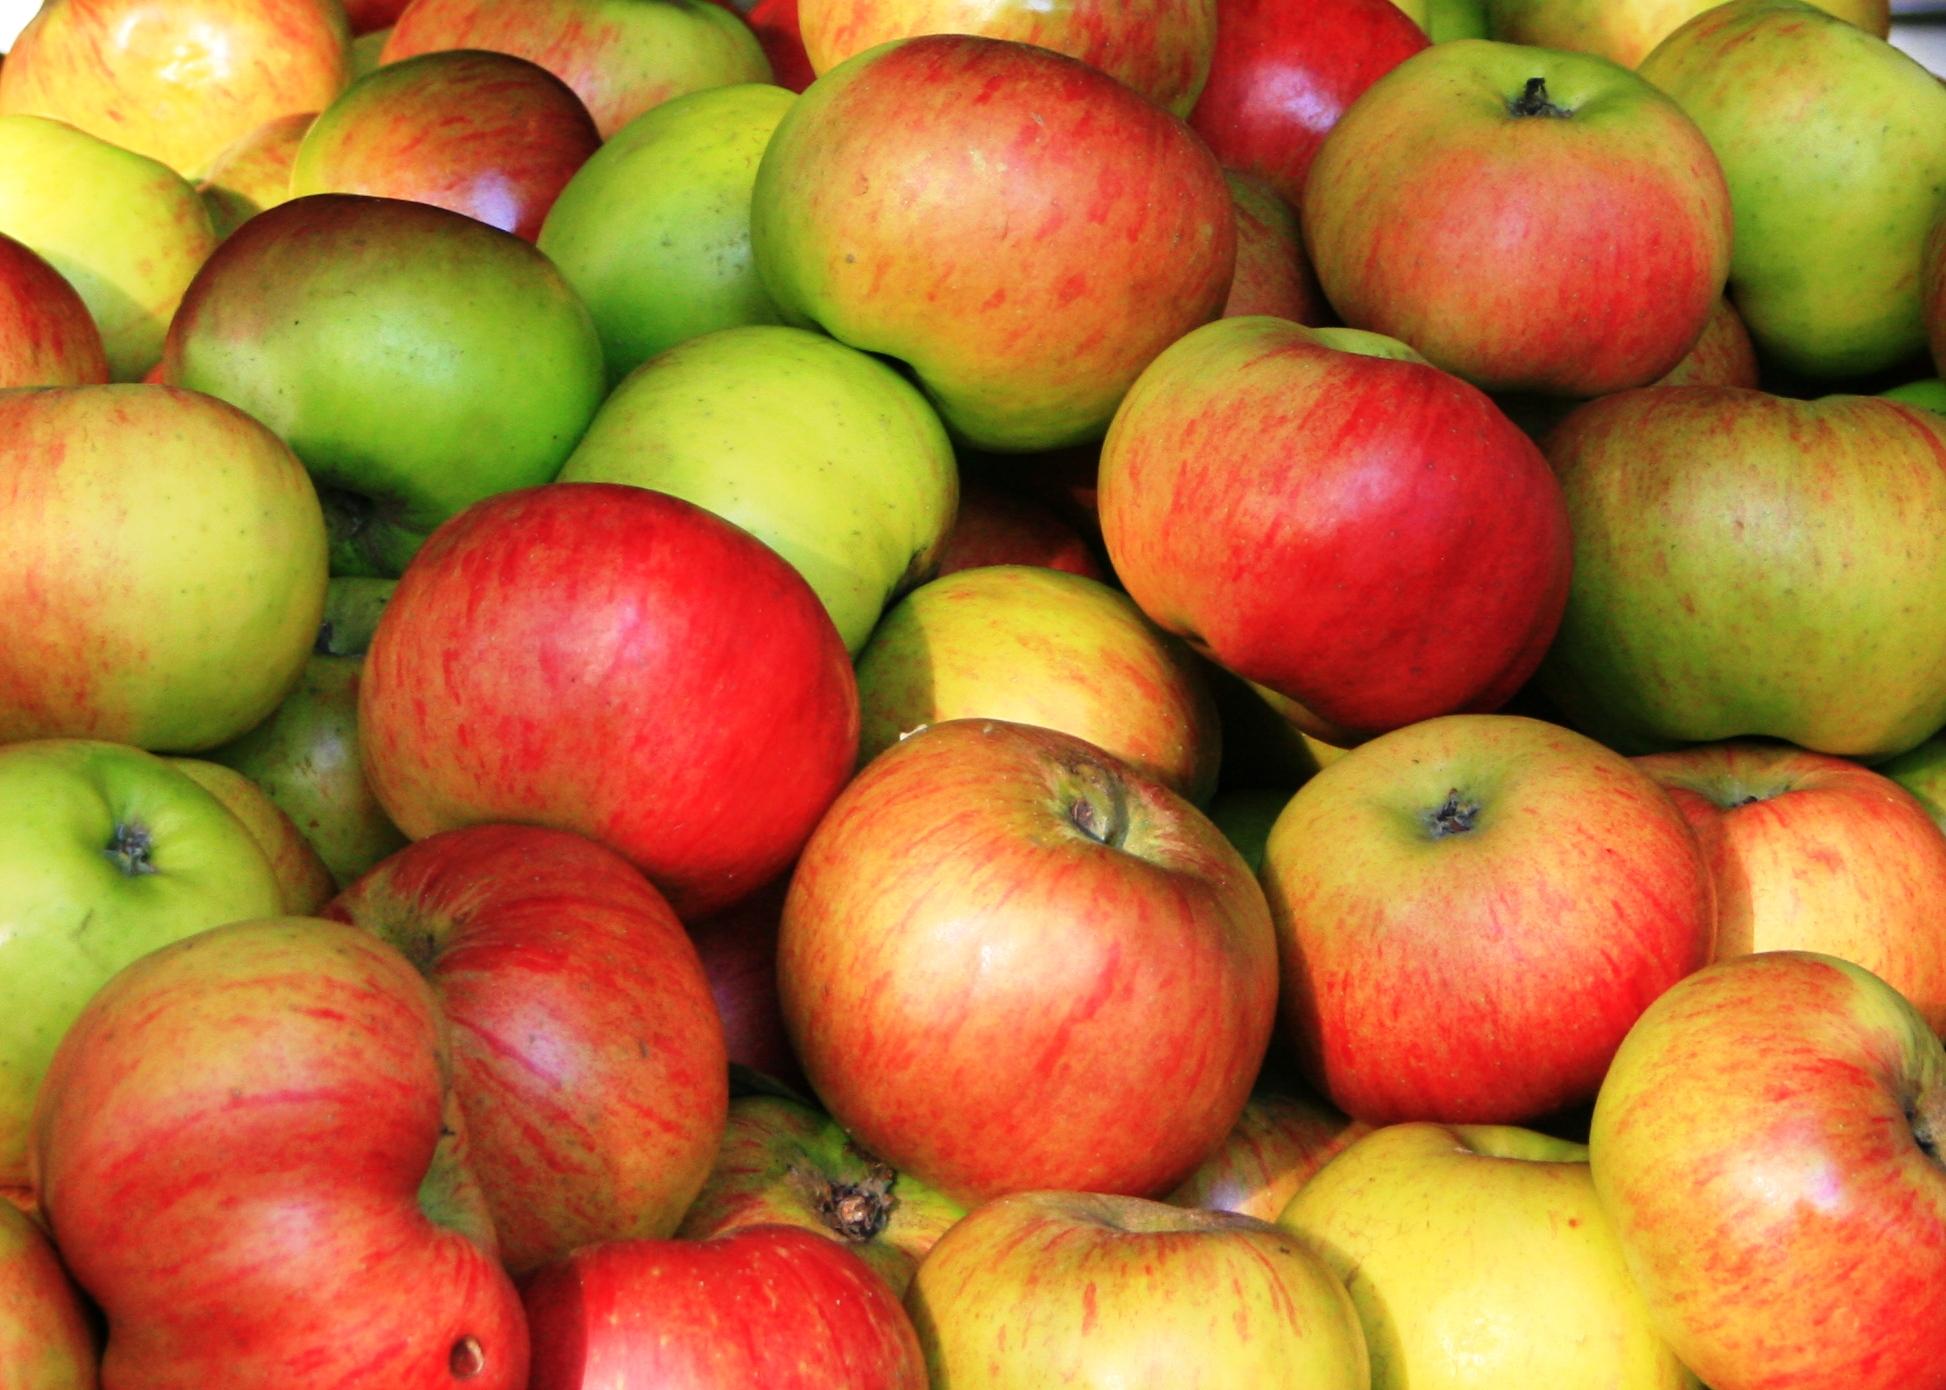 6 loại trái cây giúp loại bỏ chứng táo bón nhanh nhất - Ảnh 2